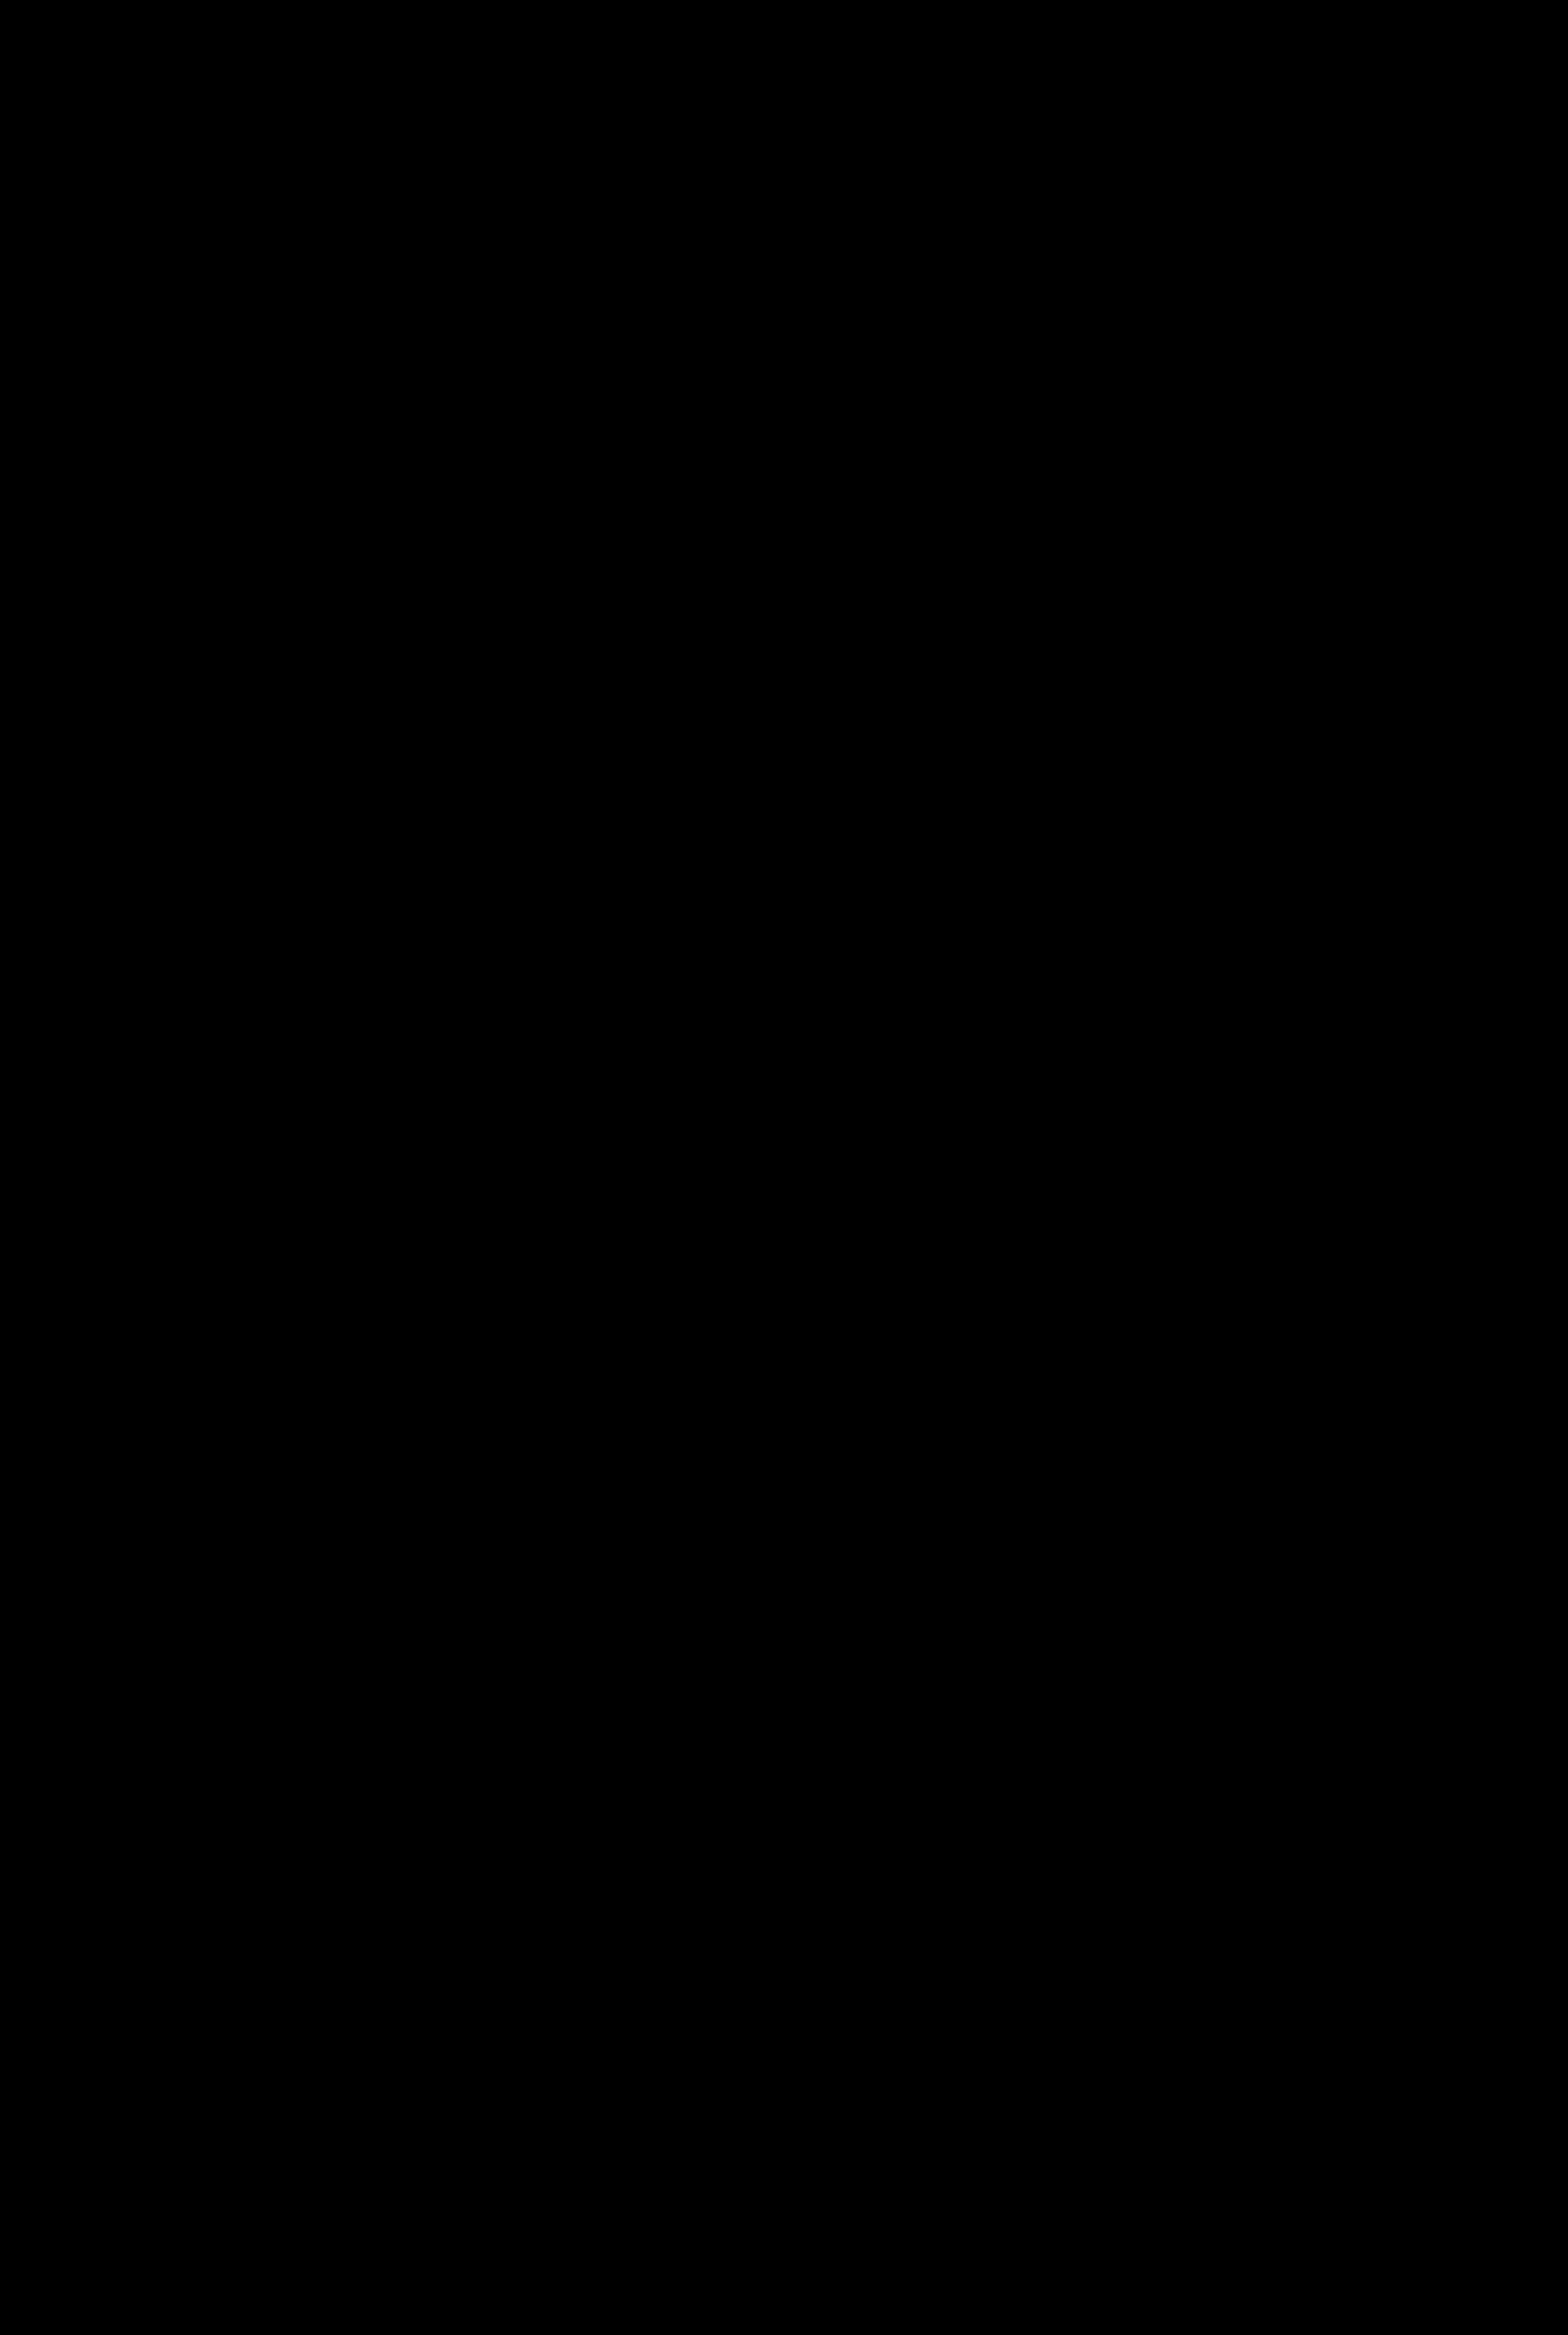 2018년도 1차 수시대관 공고(수정).jpg